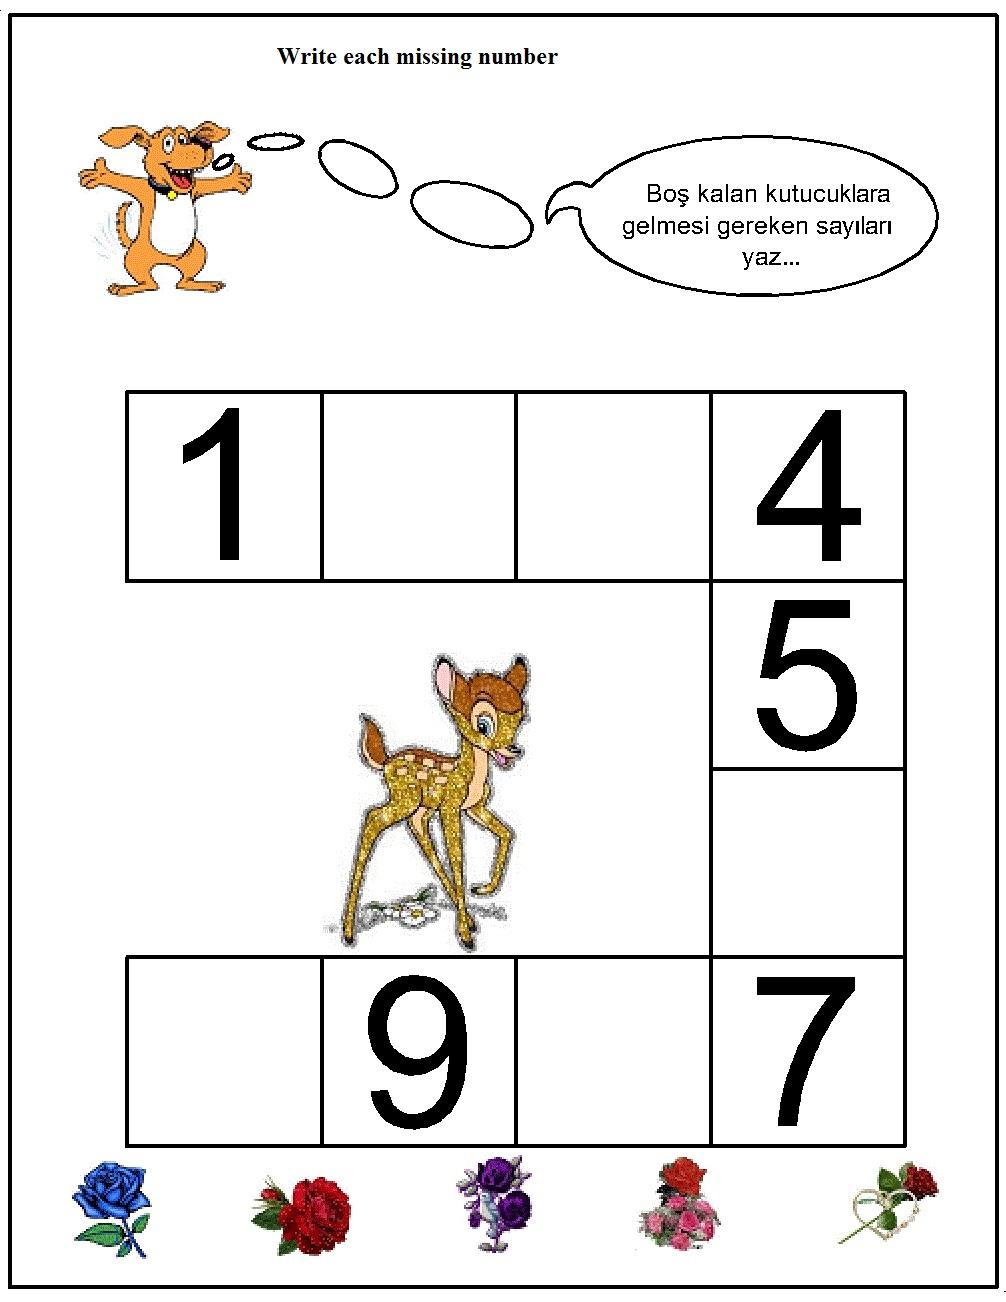 missing number worksheet for kids (30)